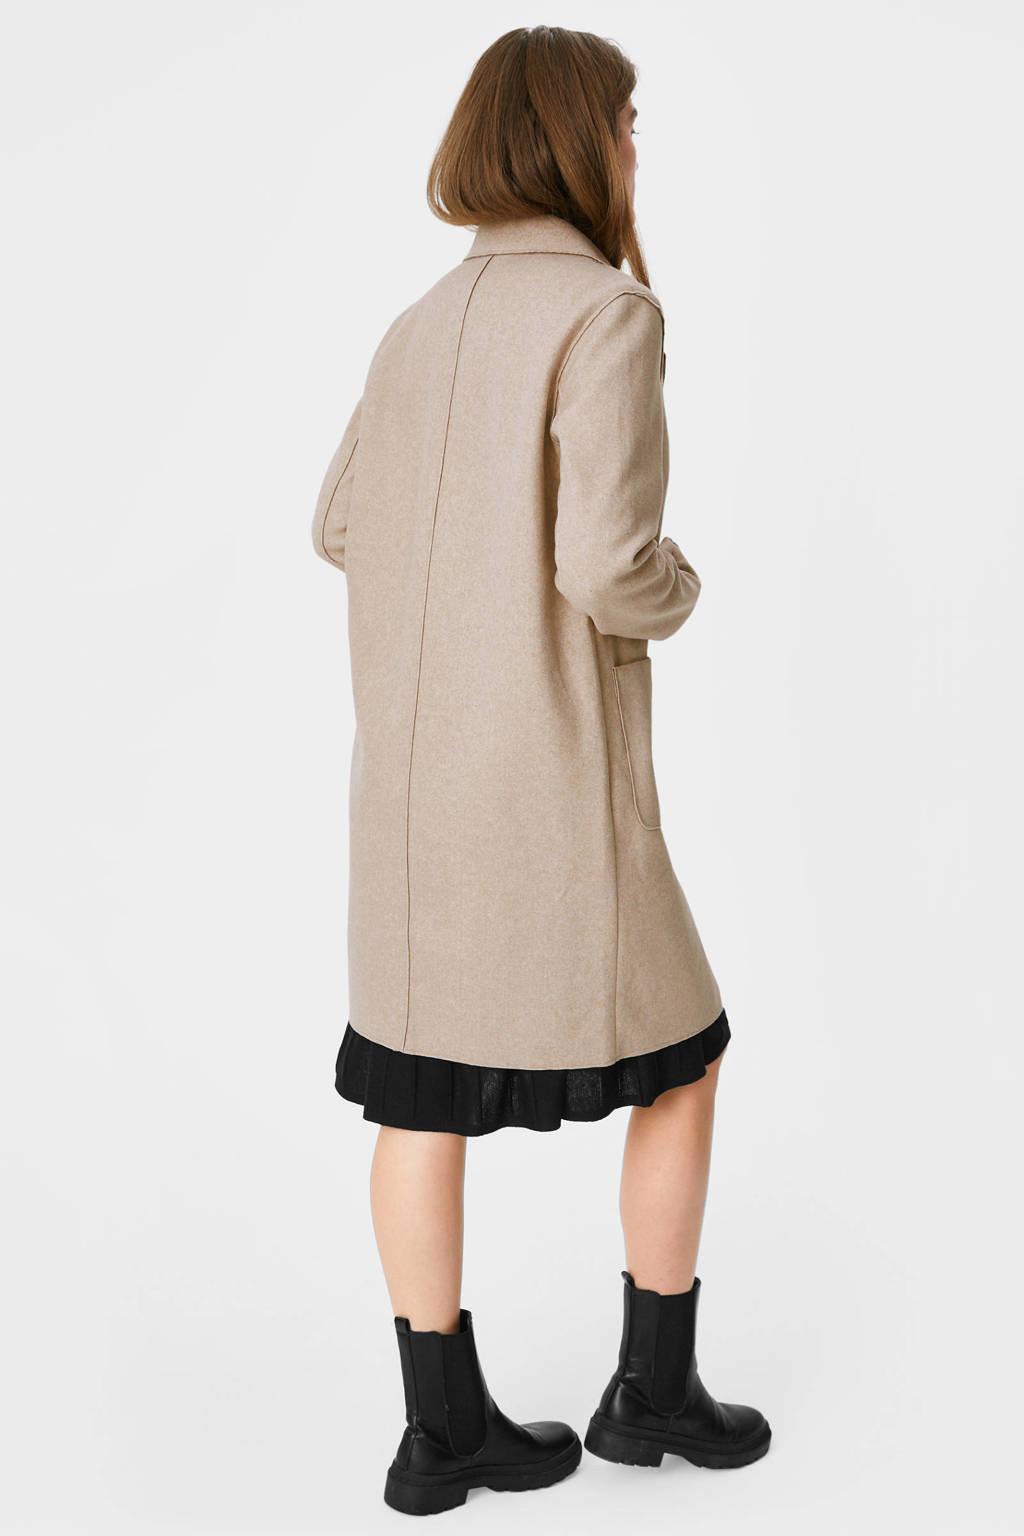 C&A The Outerwear gemêleerde  coat beige, Beige